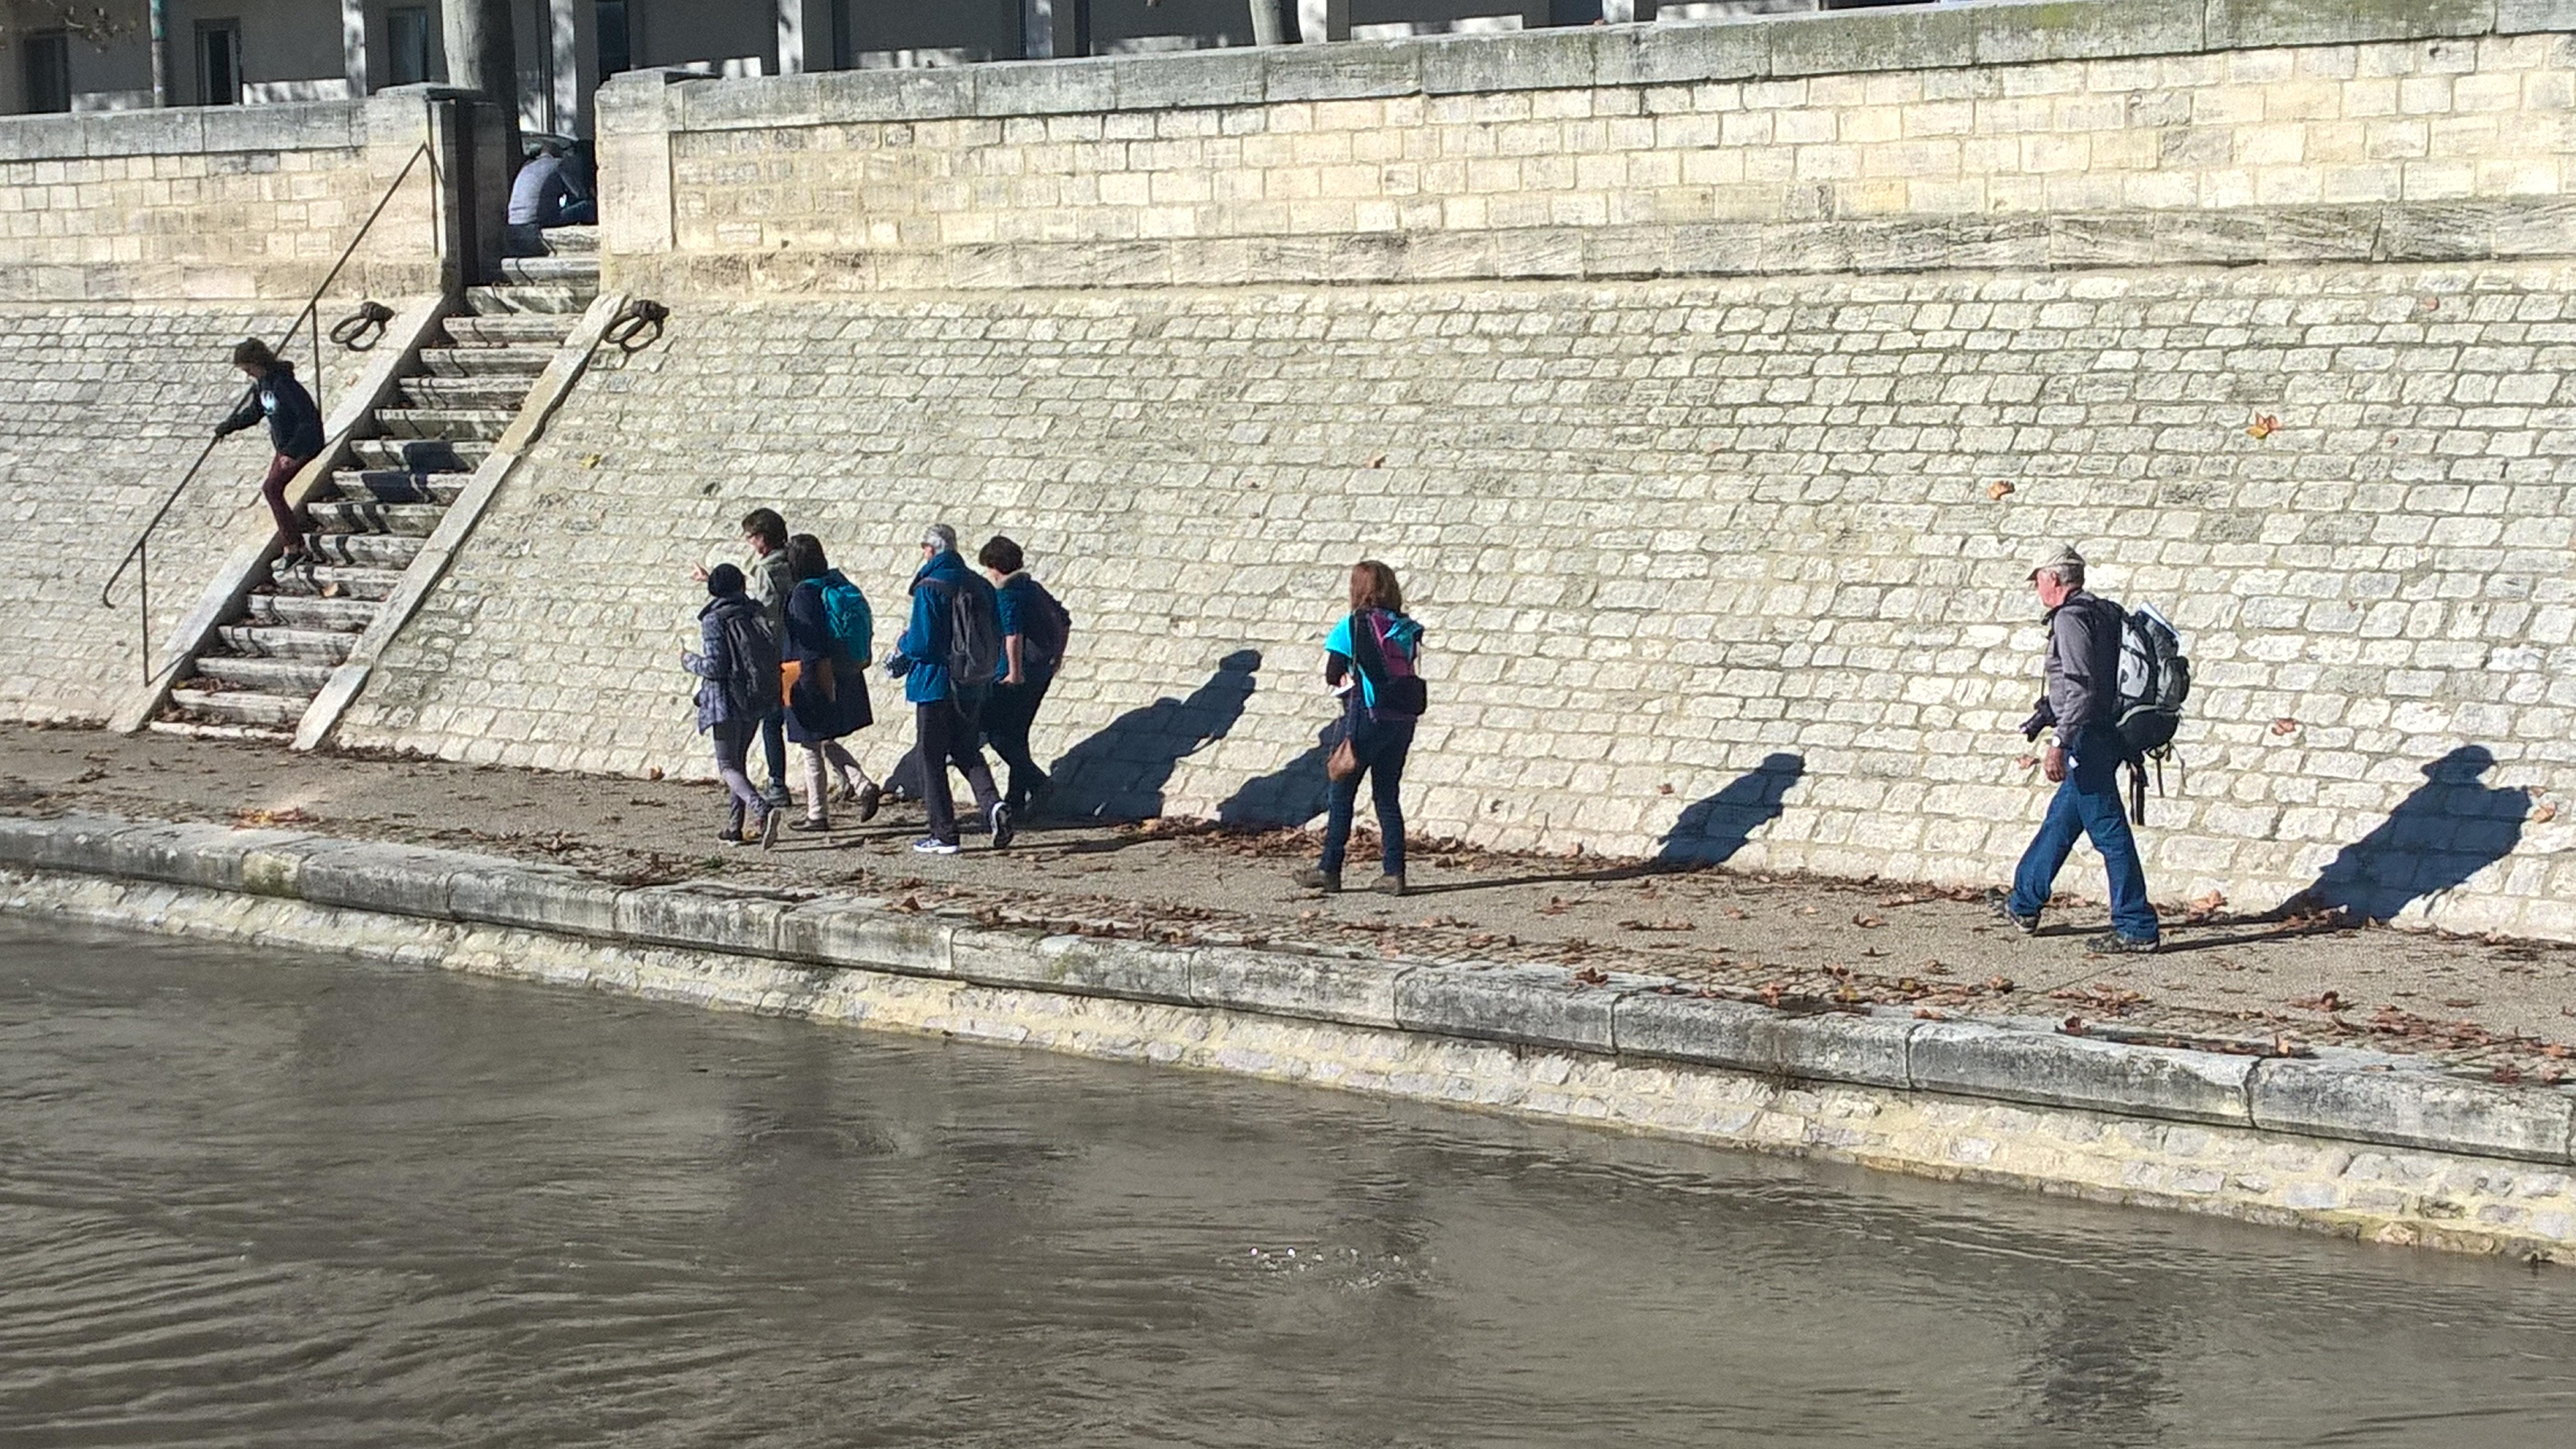 Balade et observation pendant une crue du Rhône